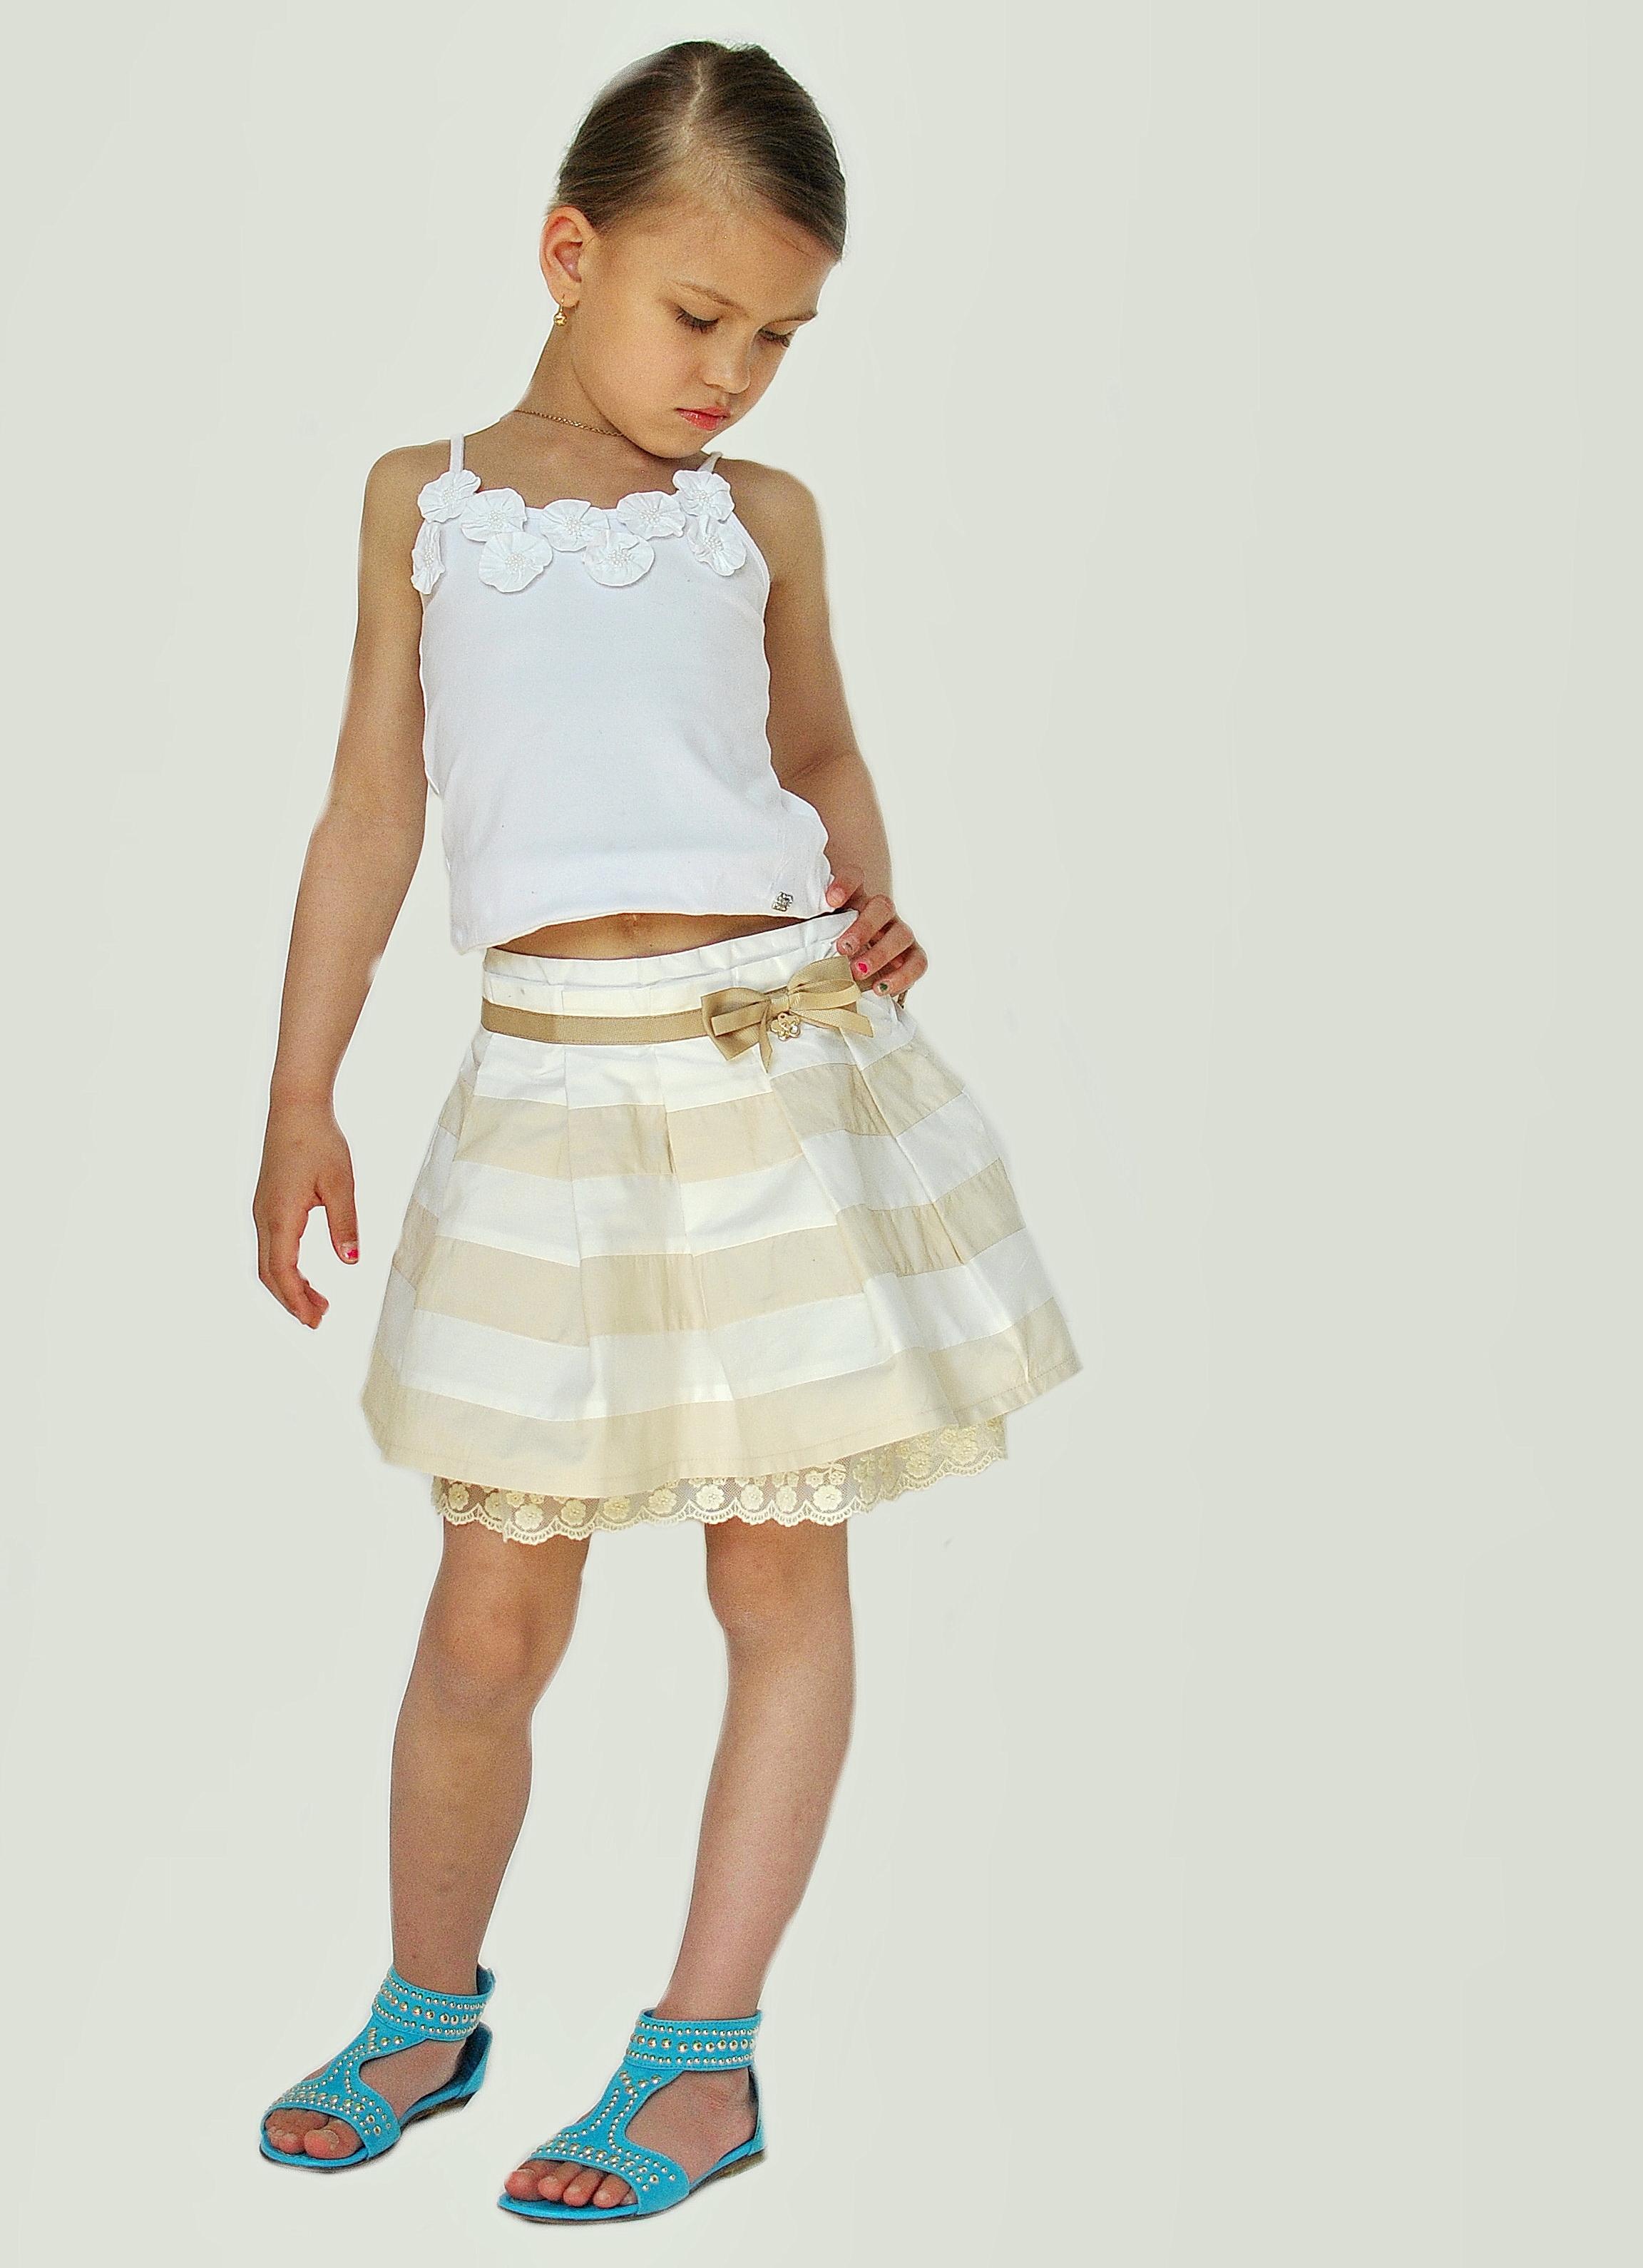 Фото 10: Модная юбка byblos для девочек